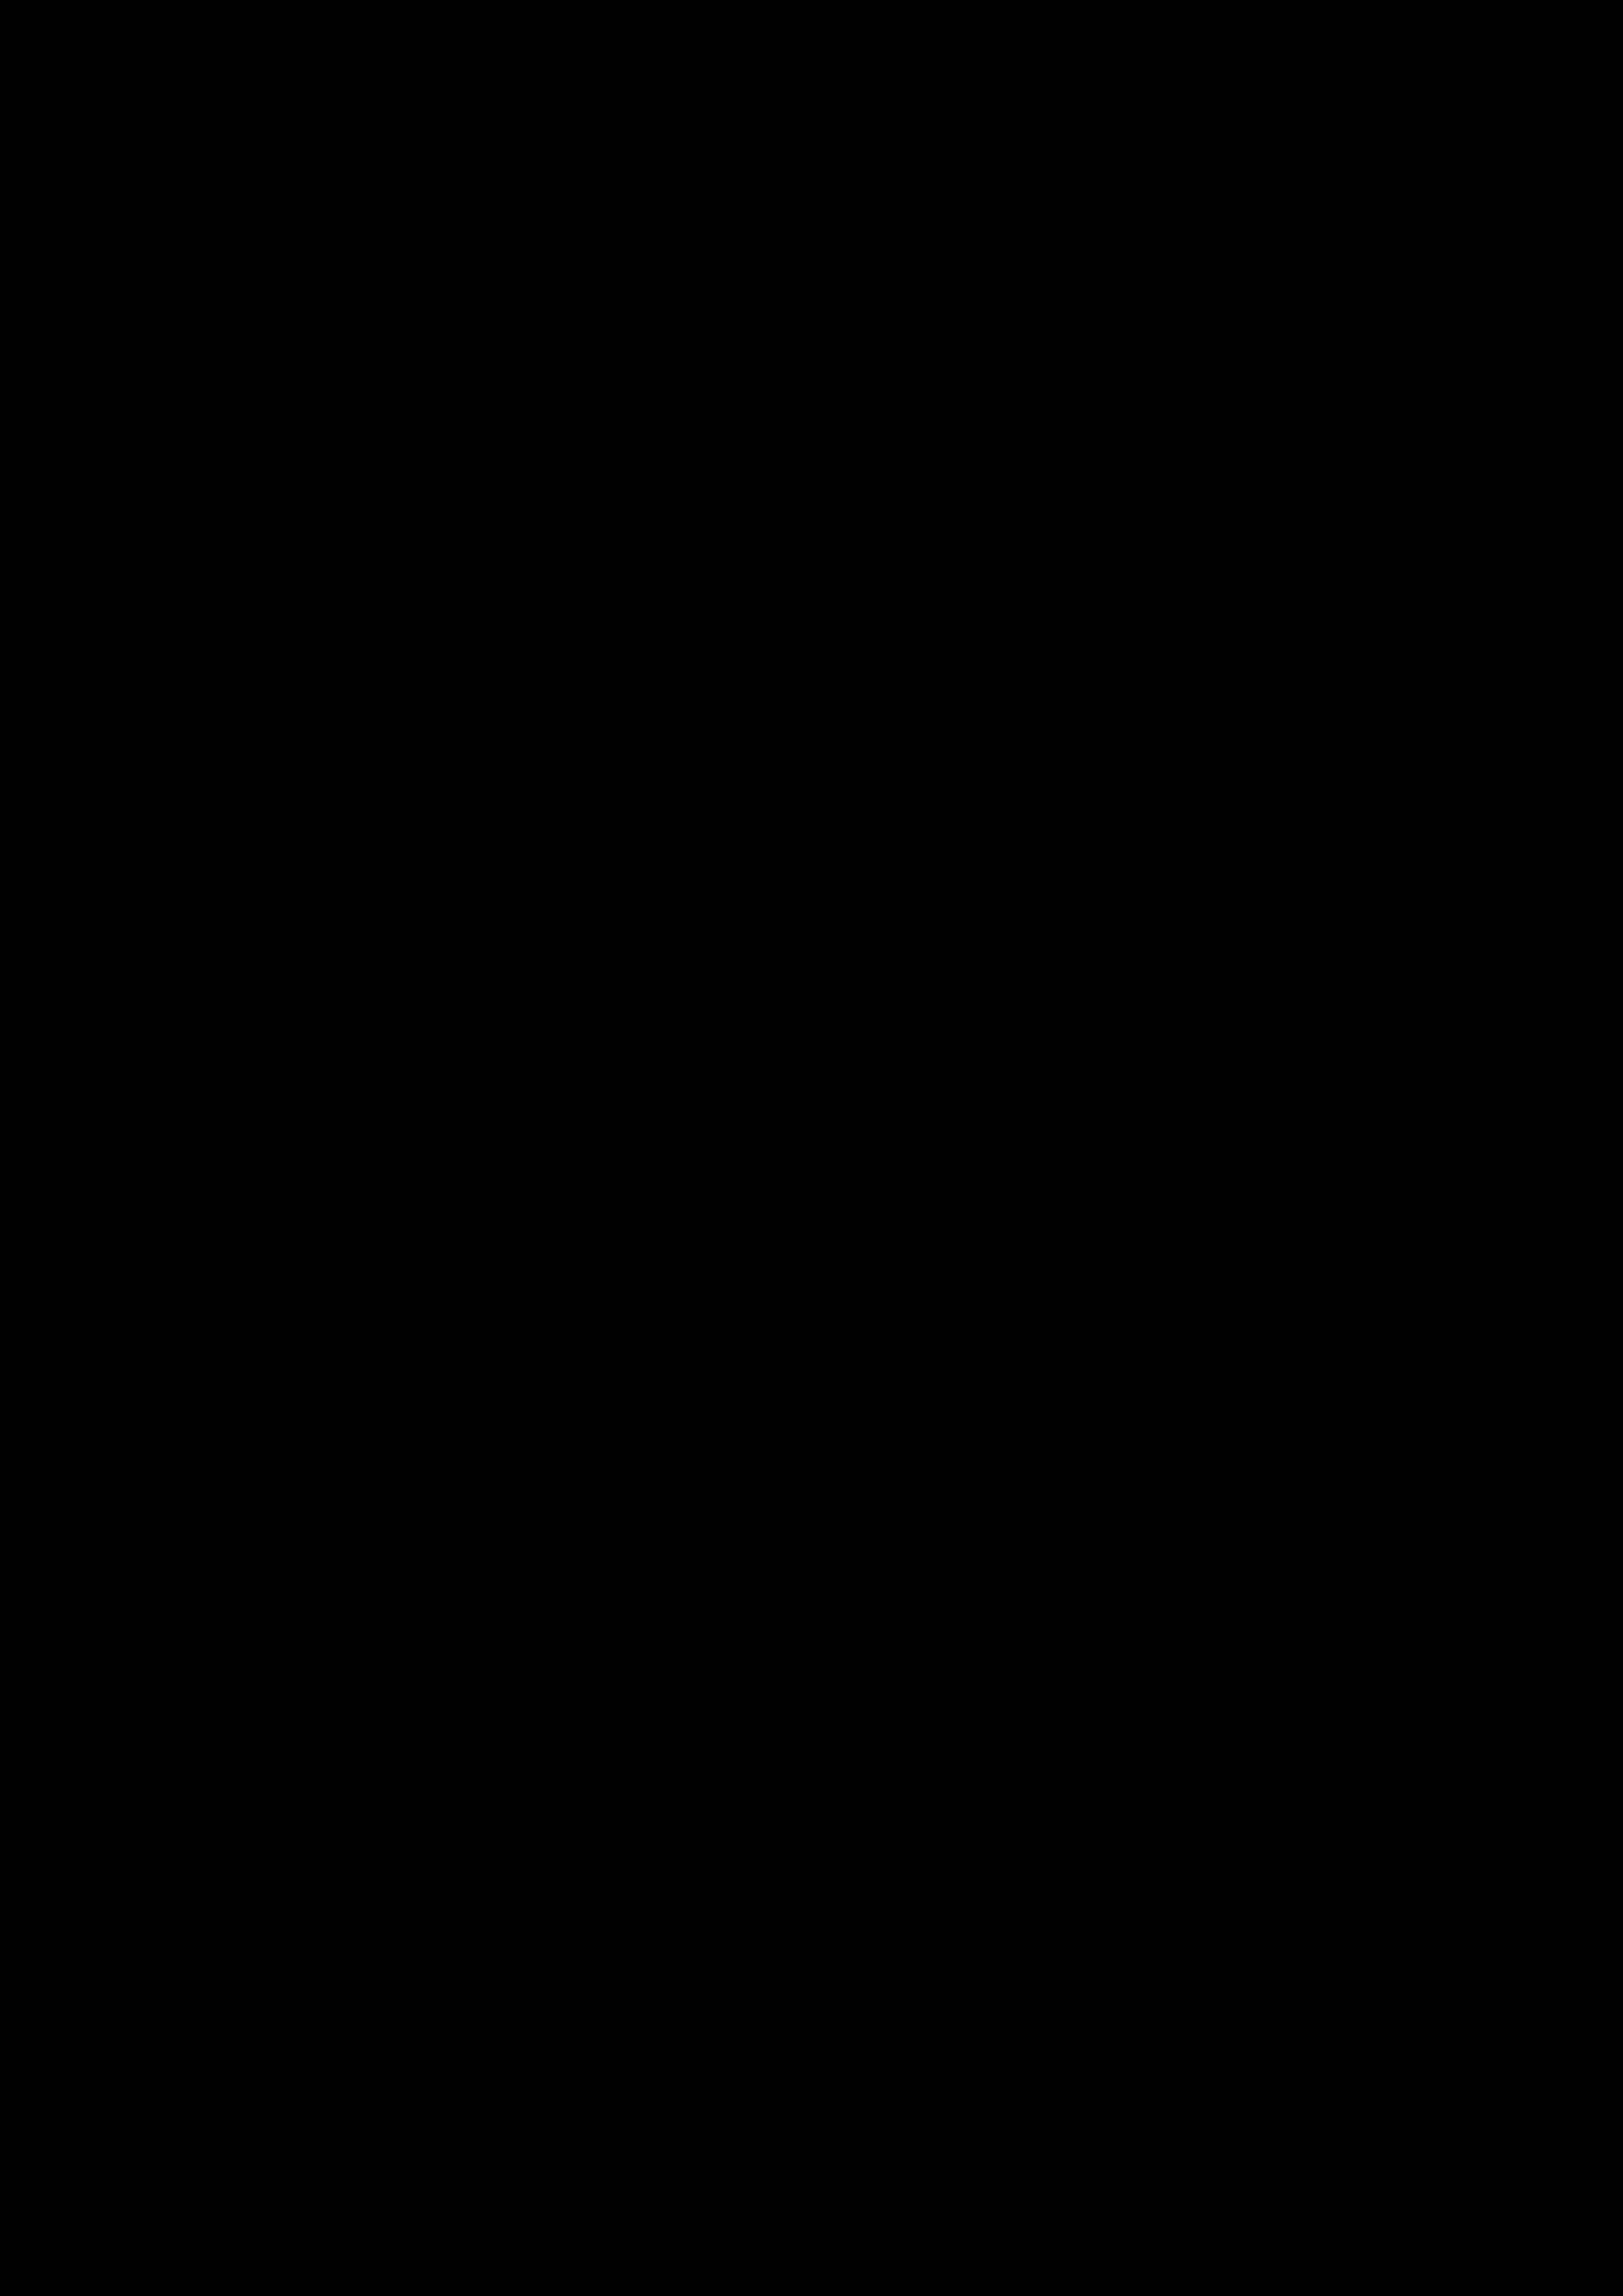 Logo clipart lake, Logo lake Transparent FREE for download.